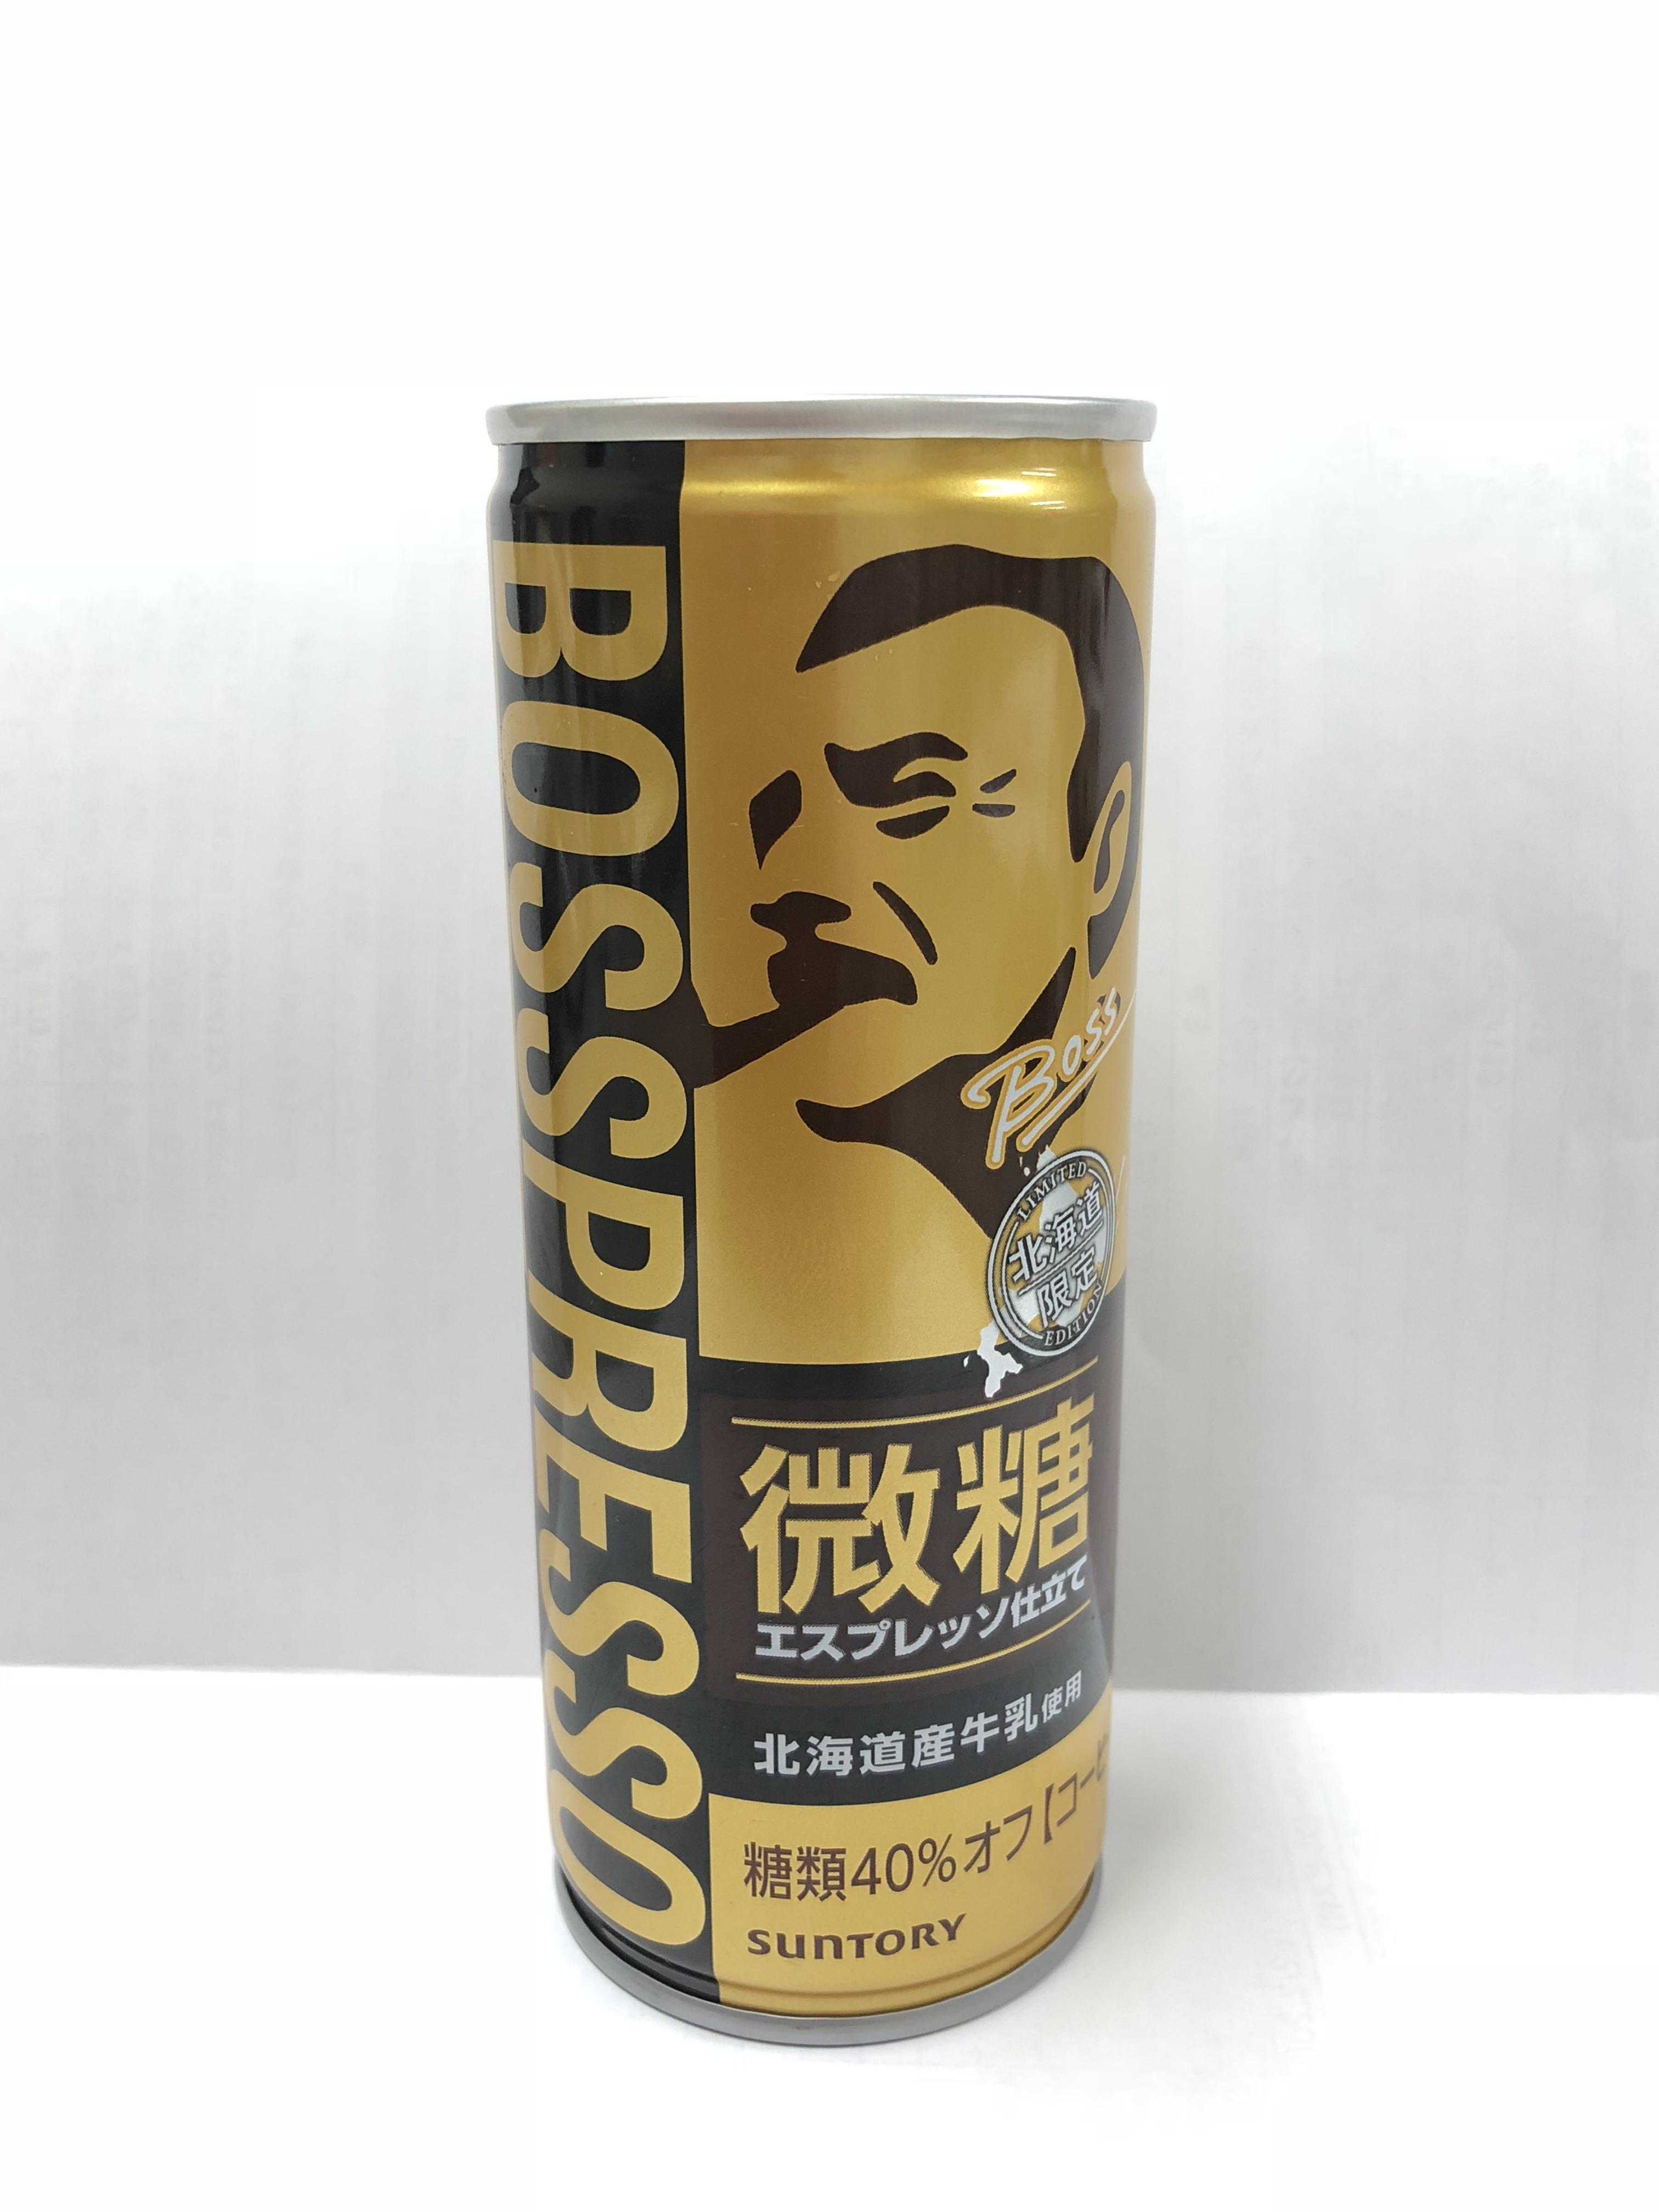 サントリー ボスプレッソ 微糖(北海道限定)